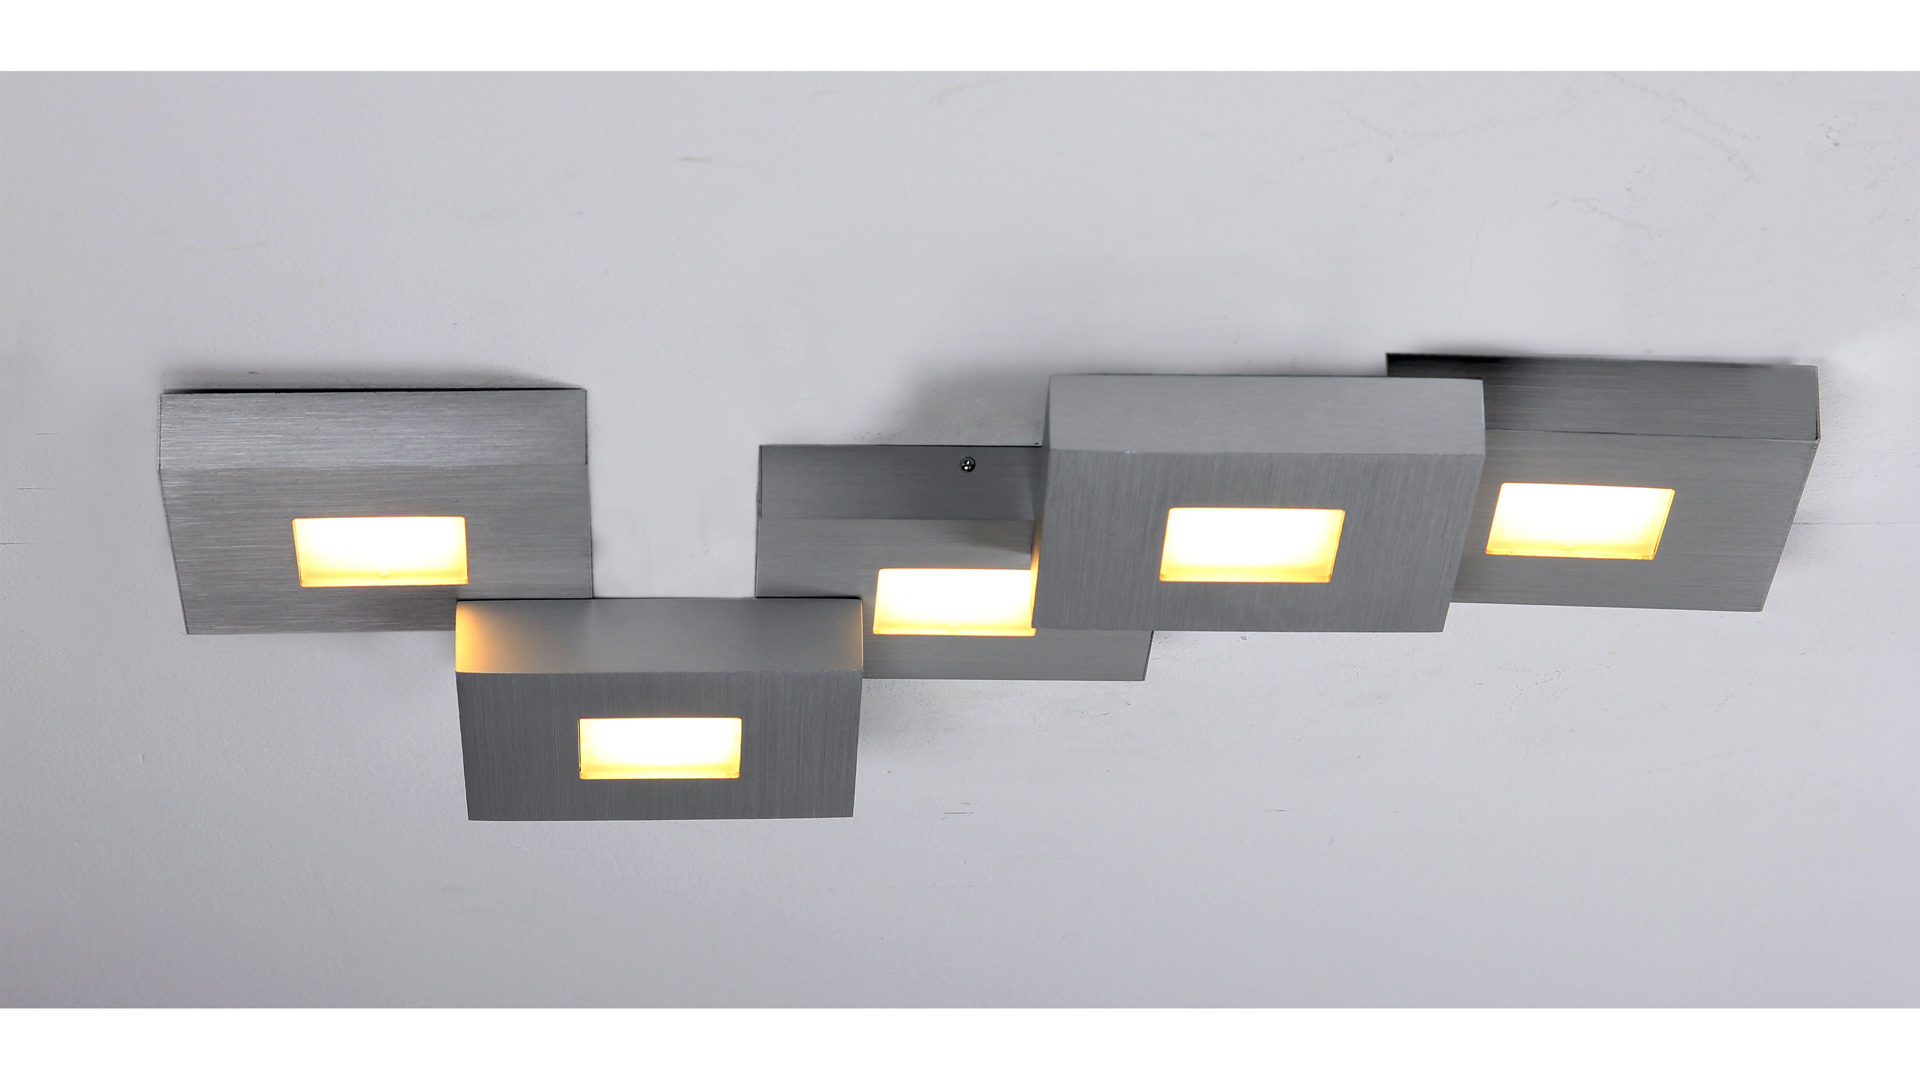 Deckenlampe Led Modern Mbel Frauendorfer Amberg